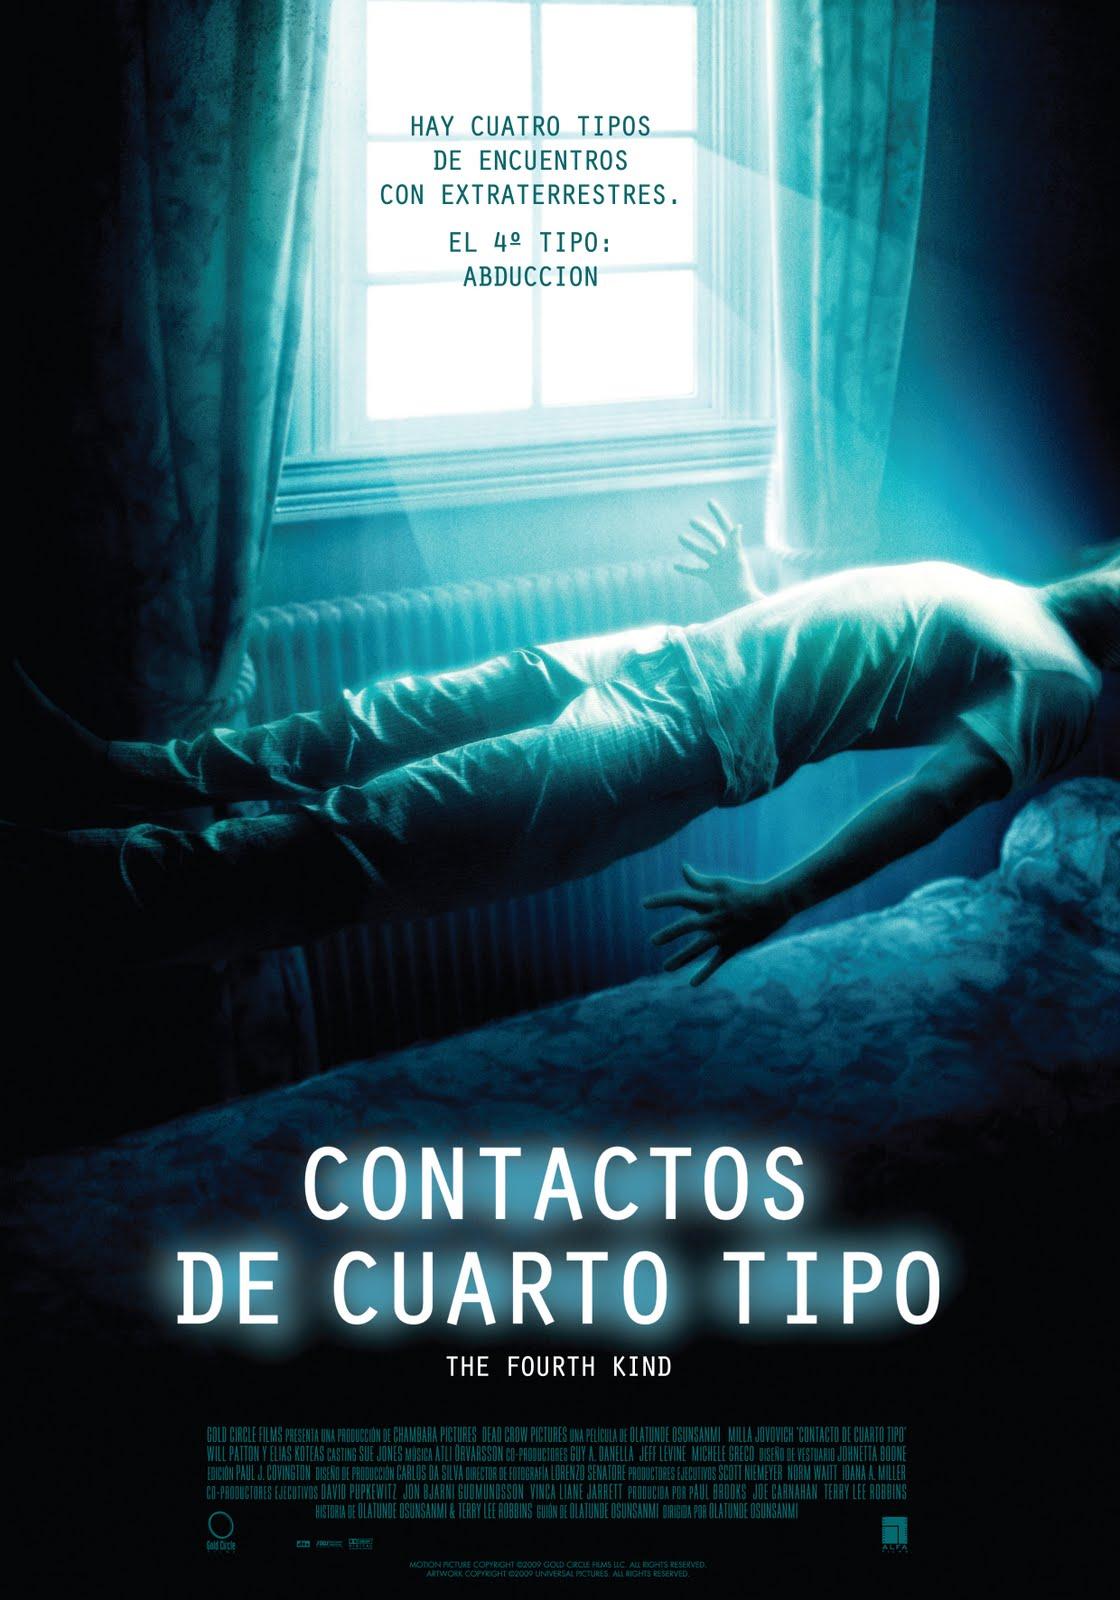 http://4.bp.blogspot.com/_Mj-JSUxjA2w/TKD3gb5LcMI/AAAAAAAAADQ/13QxjSjrj9Y/s1600/poster+contactos+del+cuarto+tipo-764471.jpg